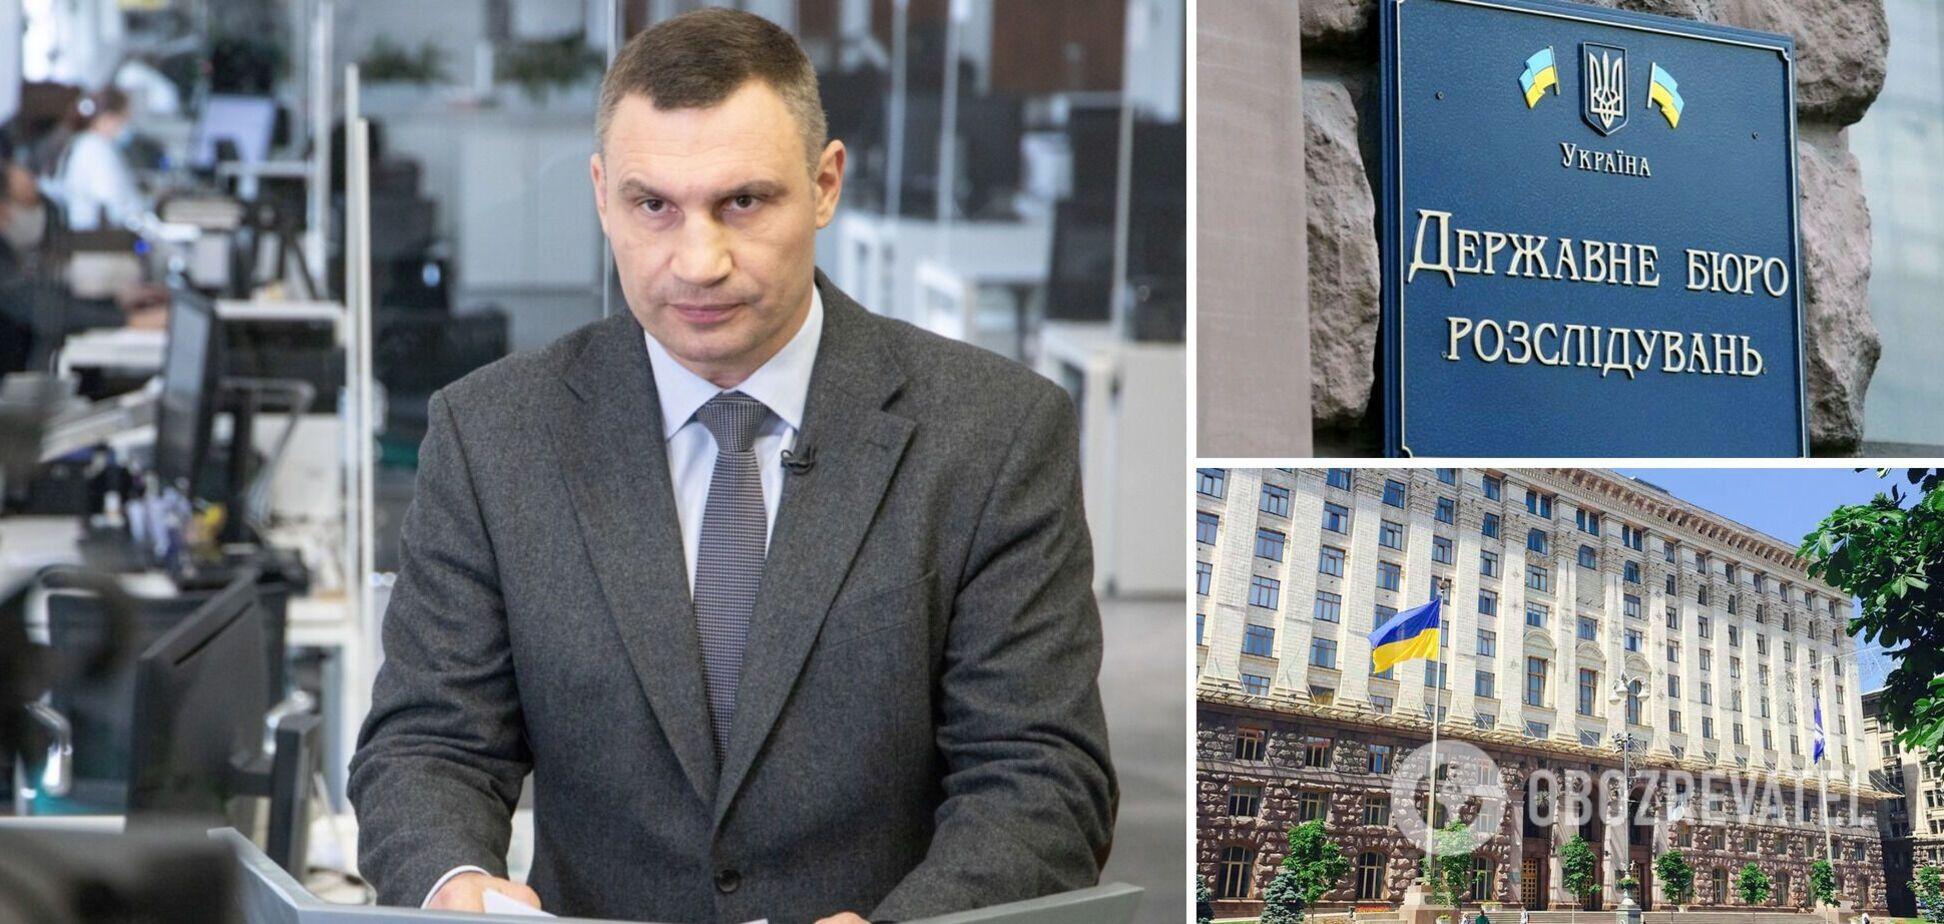 Кличко прокоментував заяву ДБР